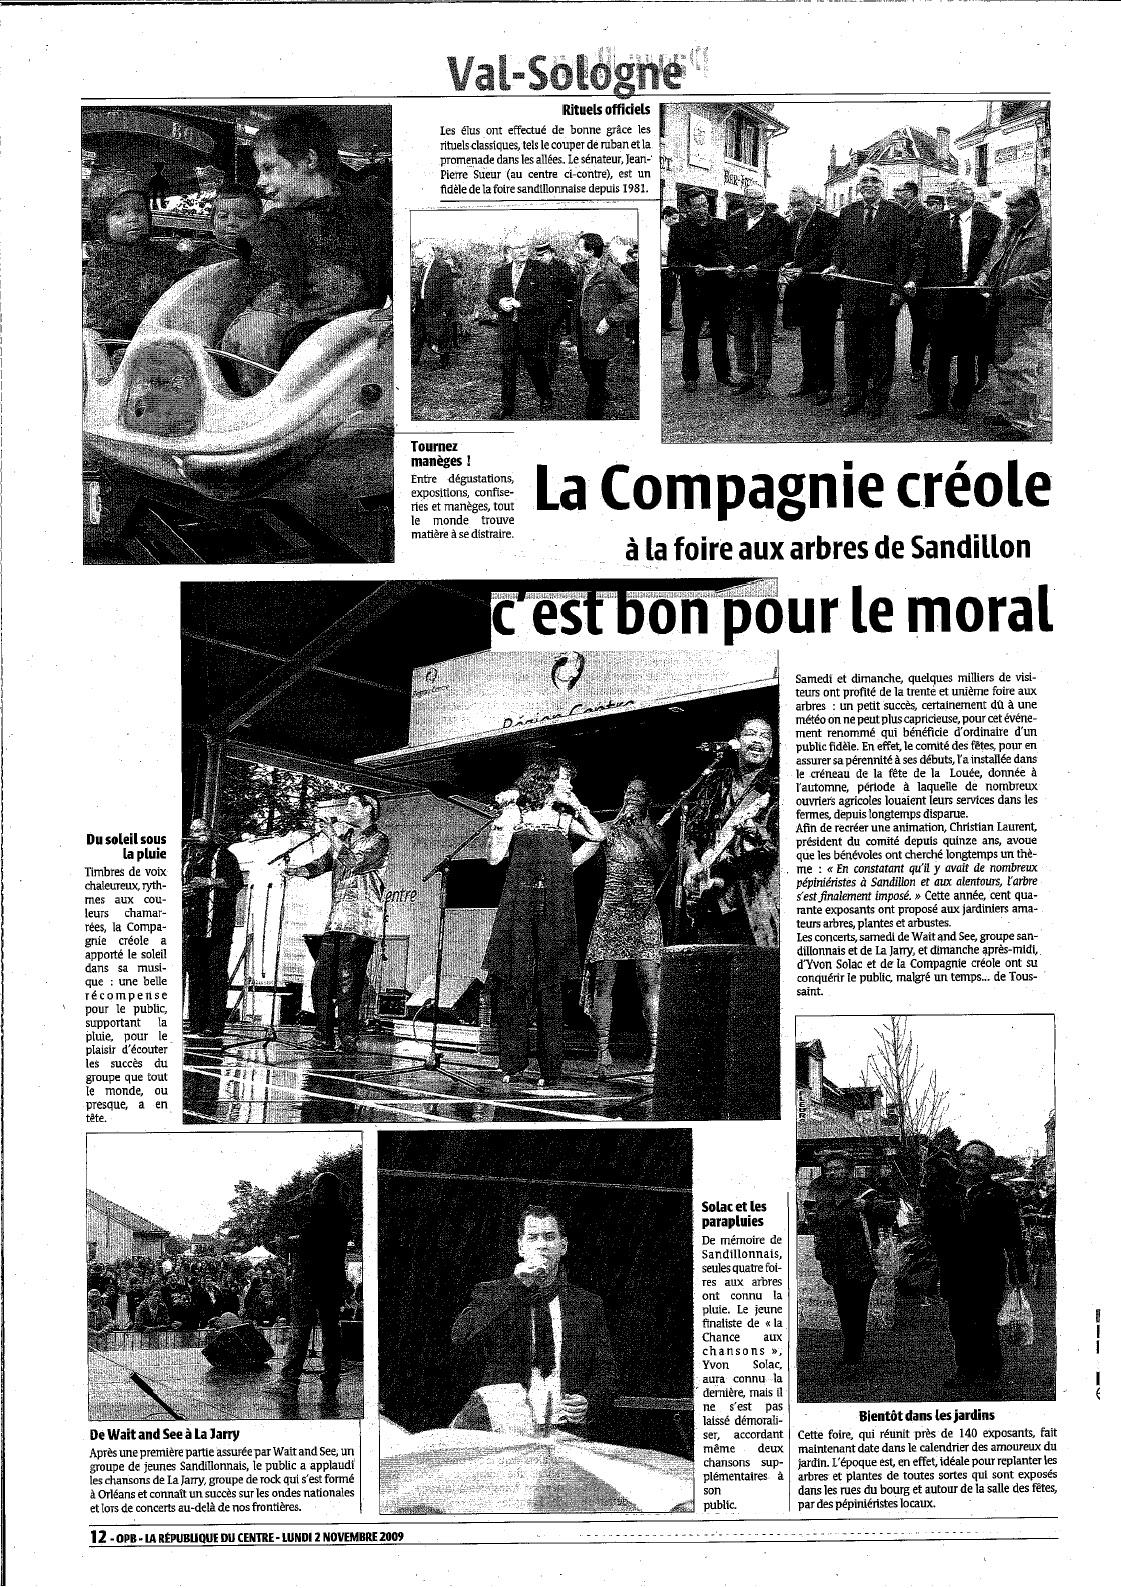 091102_la_rep_foire_aux_arbres2